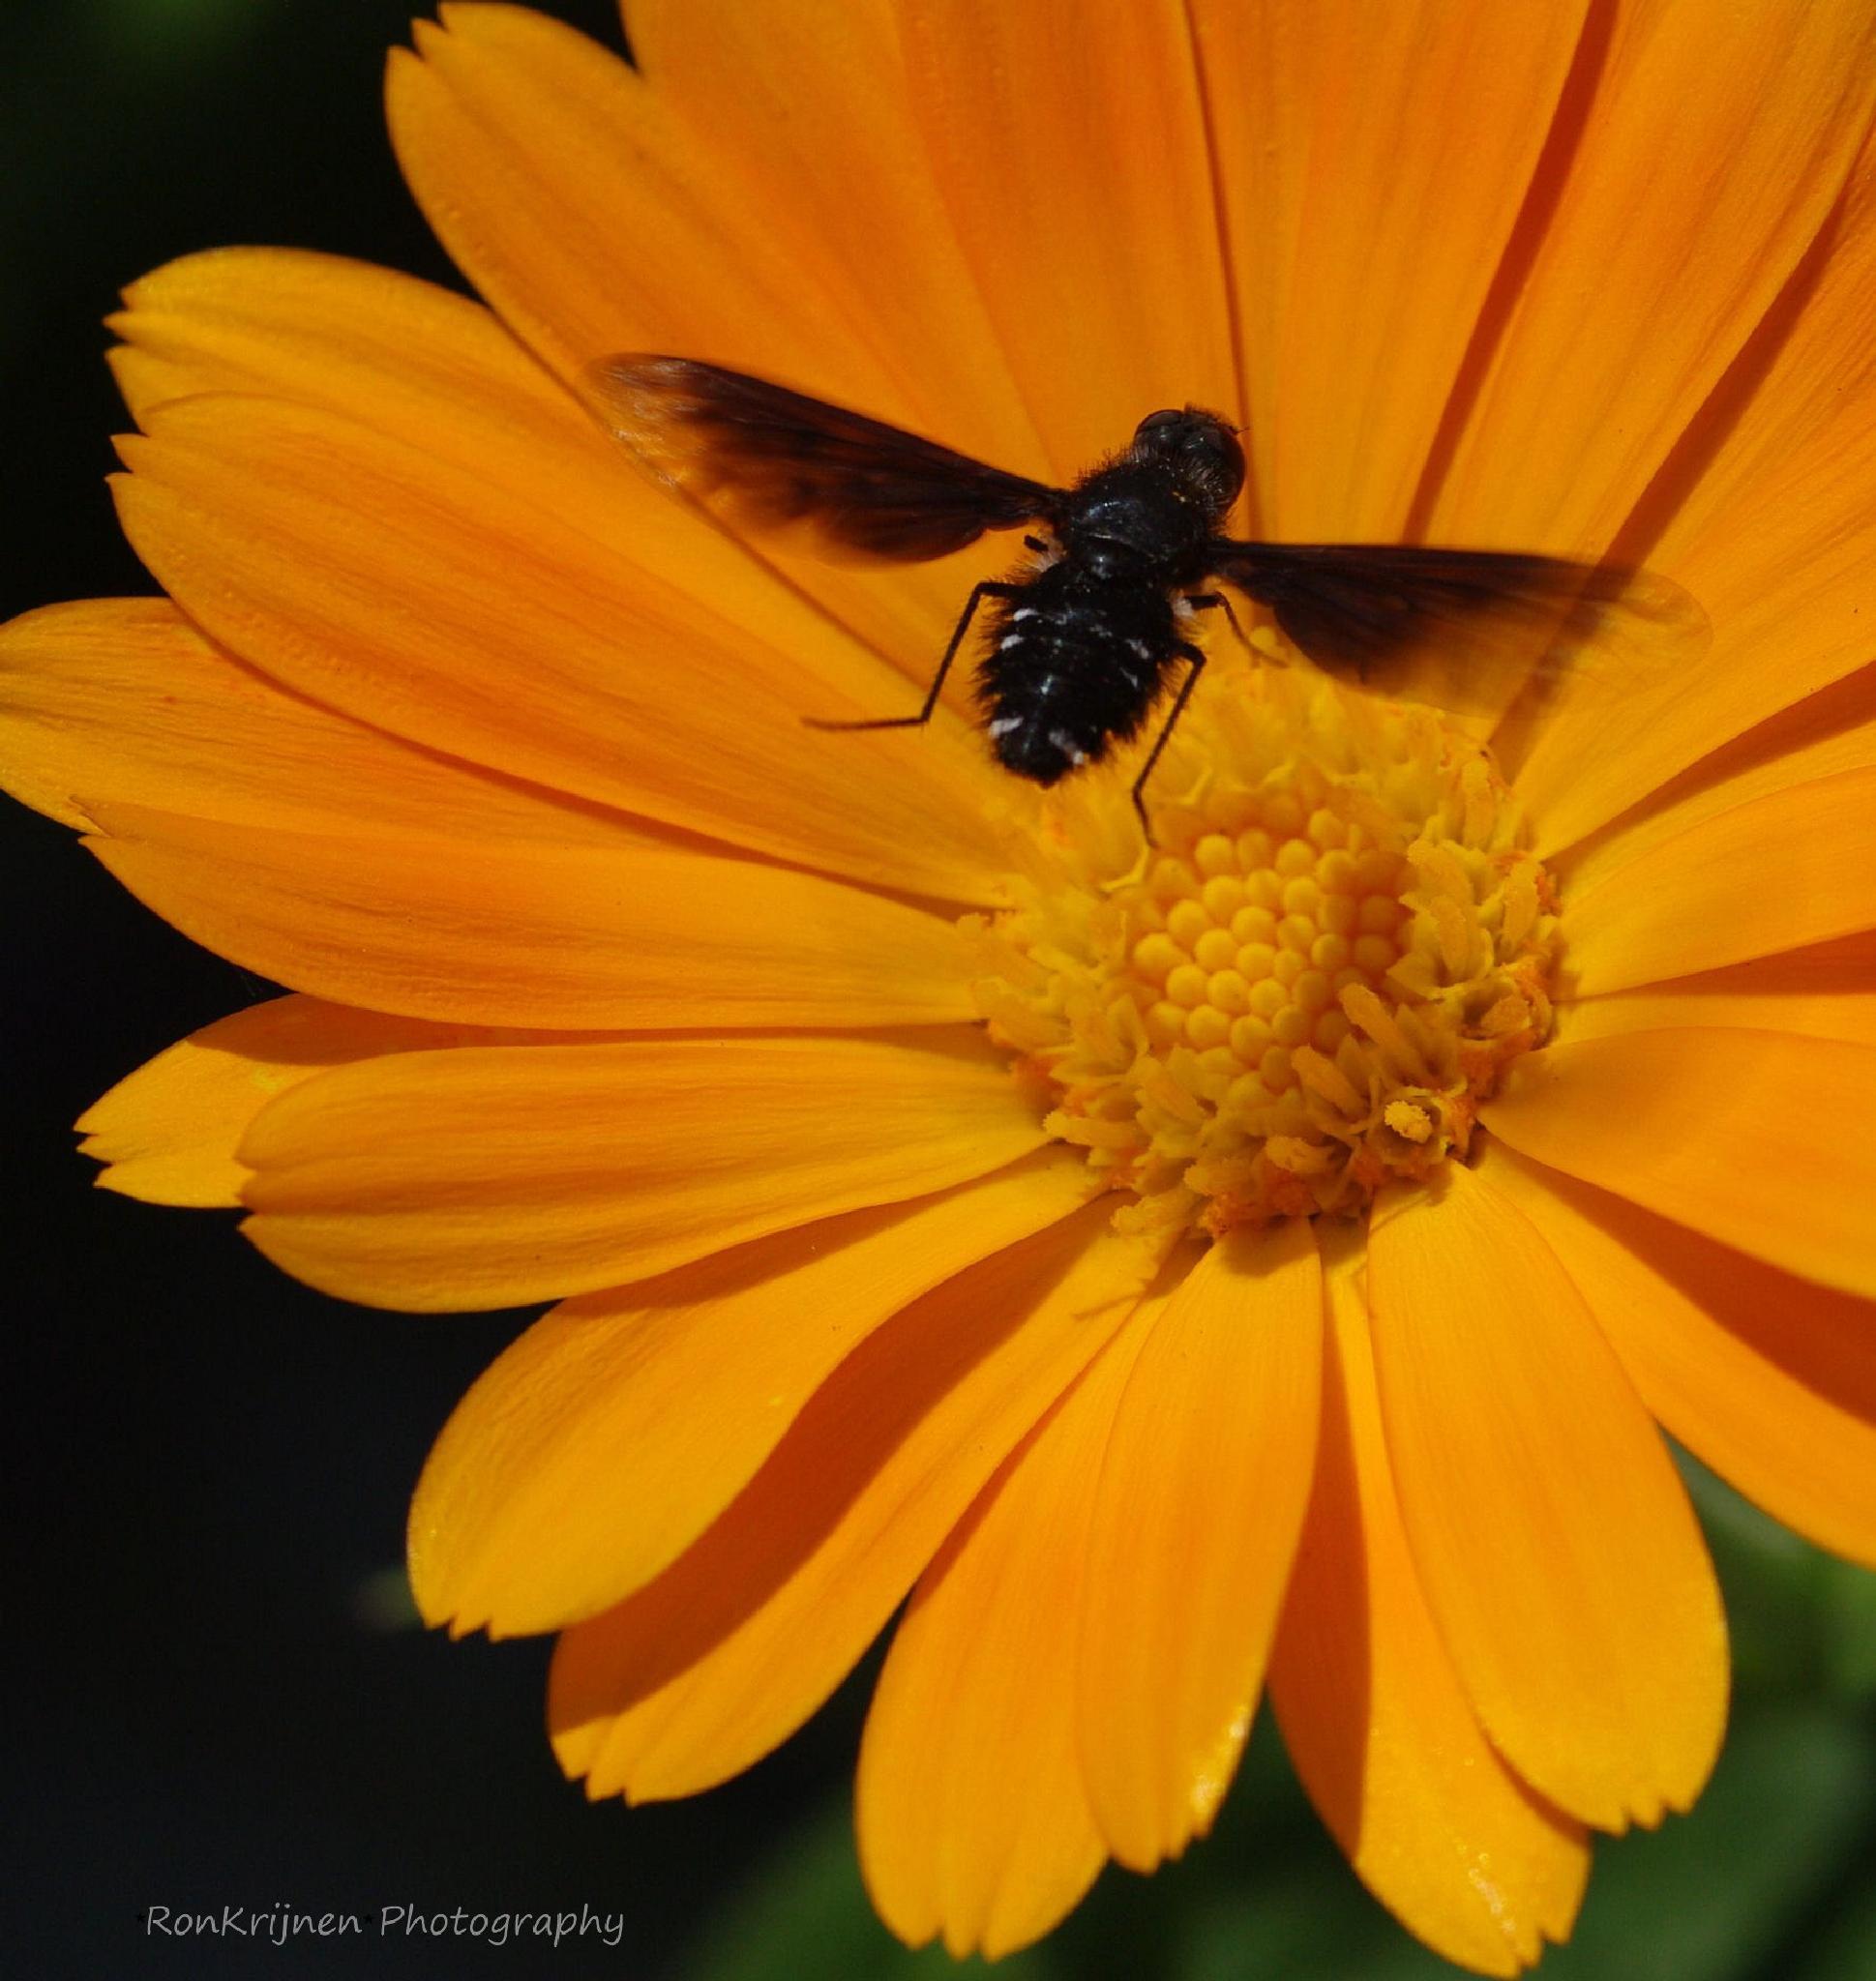 Fly approach flower by ron.krijnen